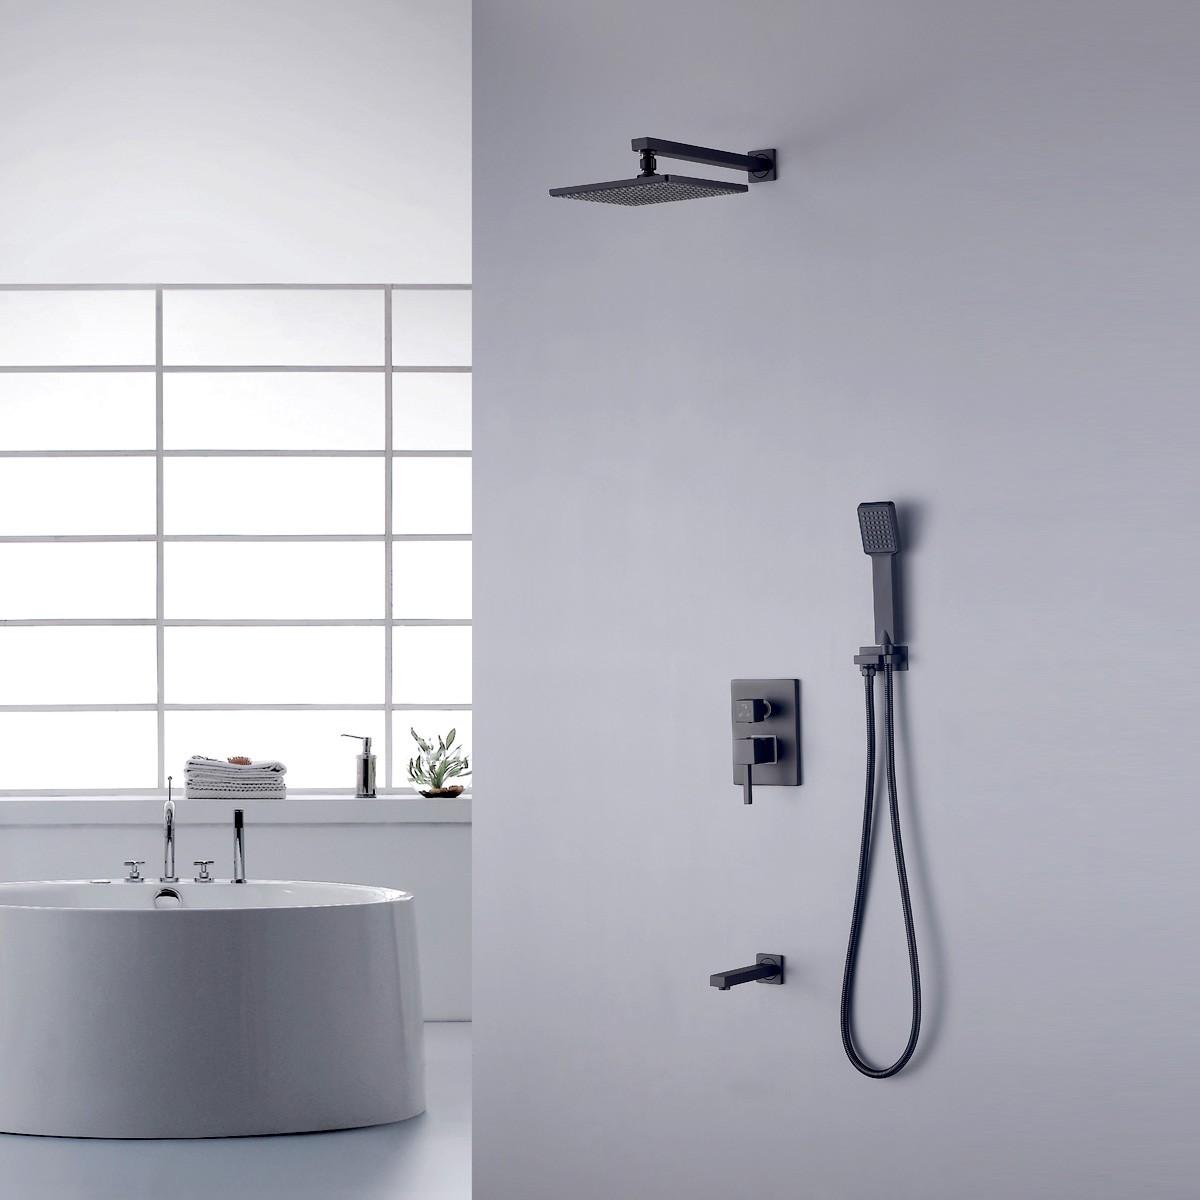 robinet de douche laiton en noir mat ydl 7523bk decoraport canada. Black Bedroom Furniture Sets. Home Design Ideas